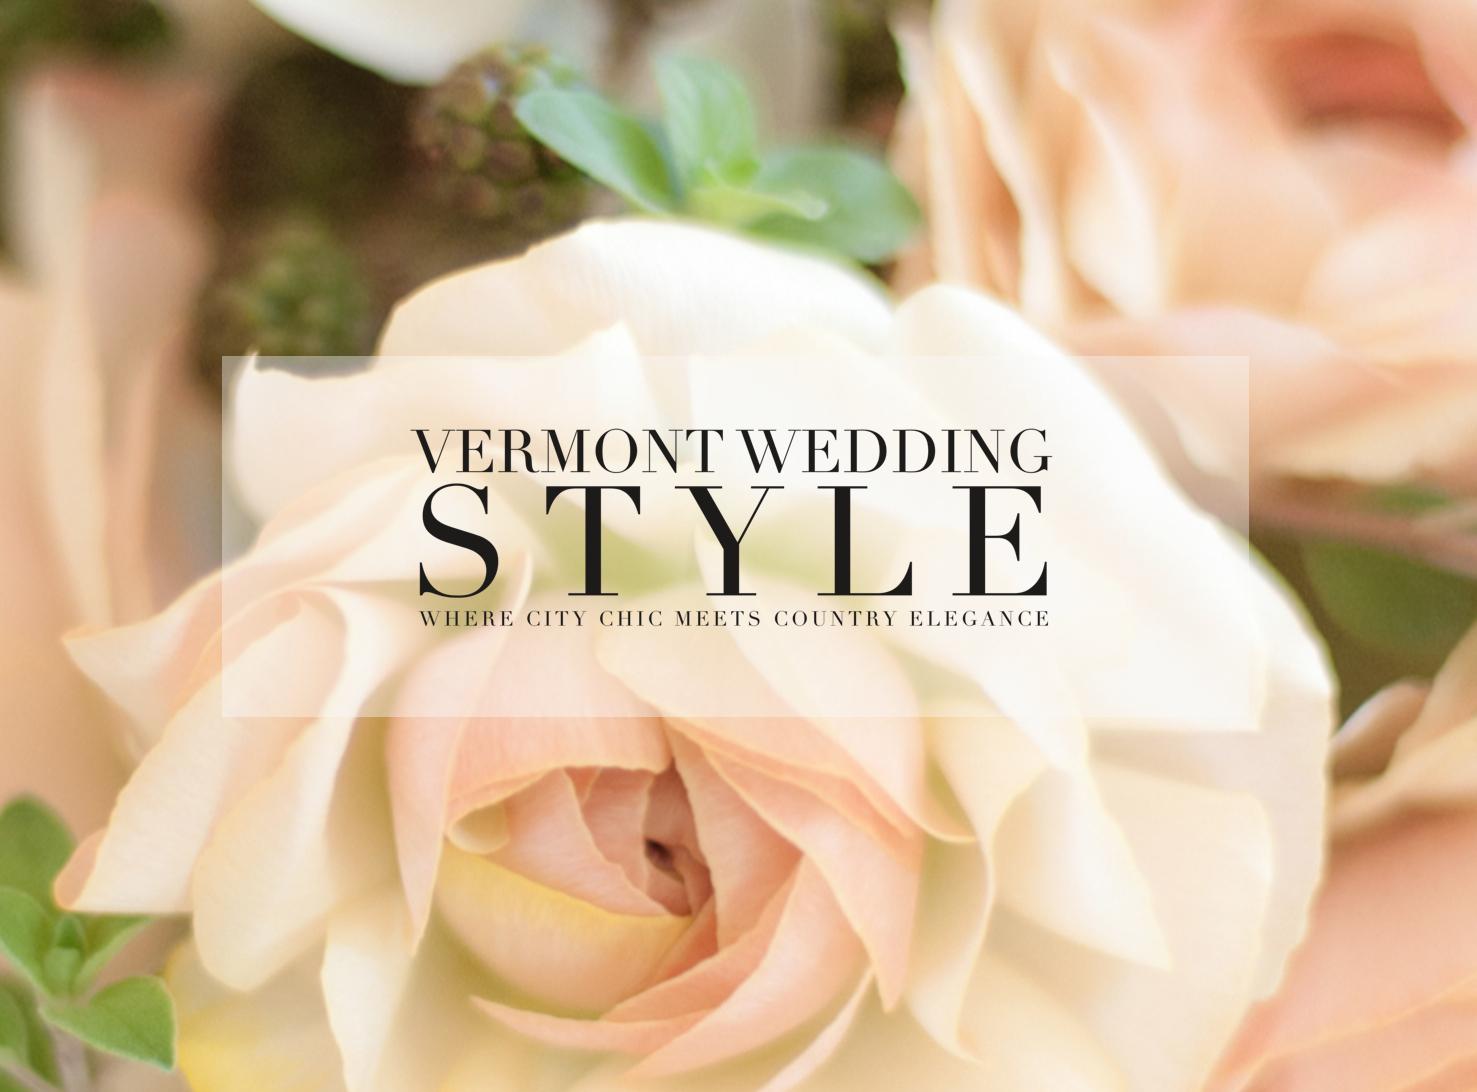 Vermont Wedding Style